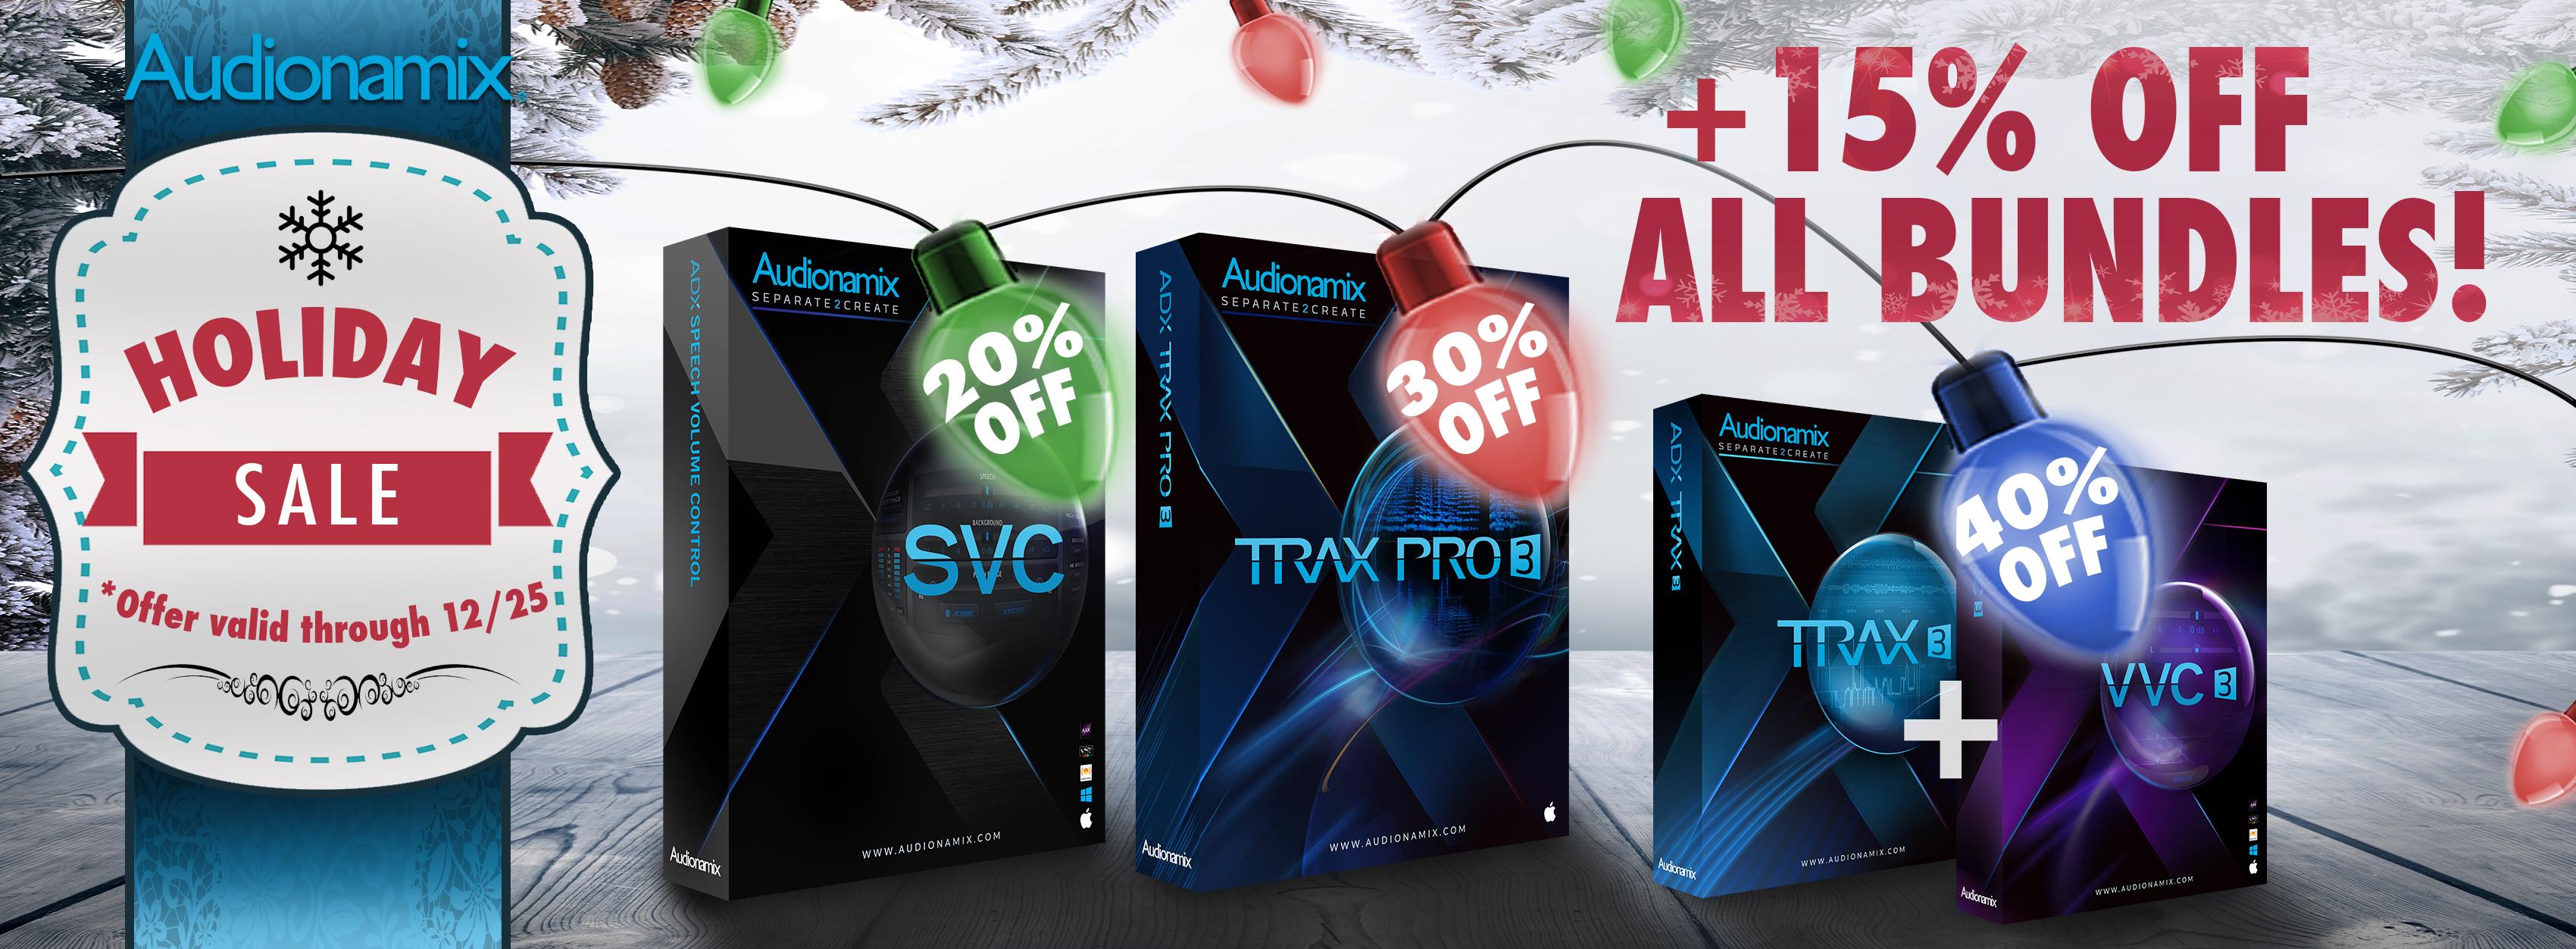 ADX SVC (Full Crack)